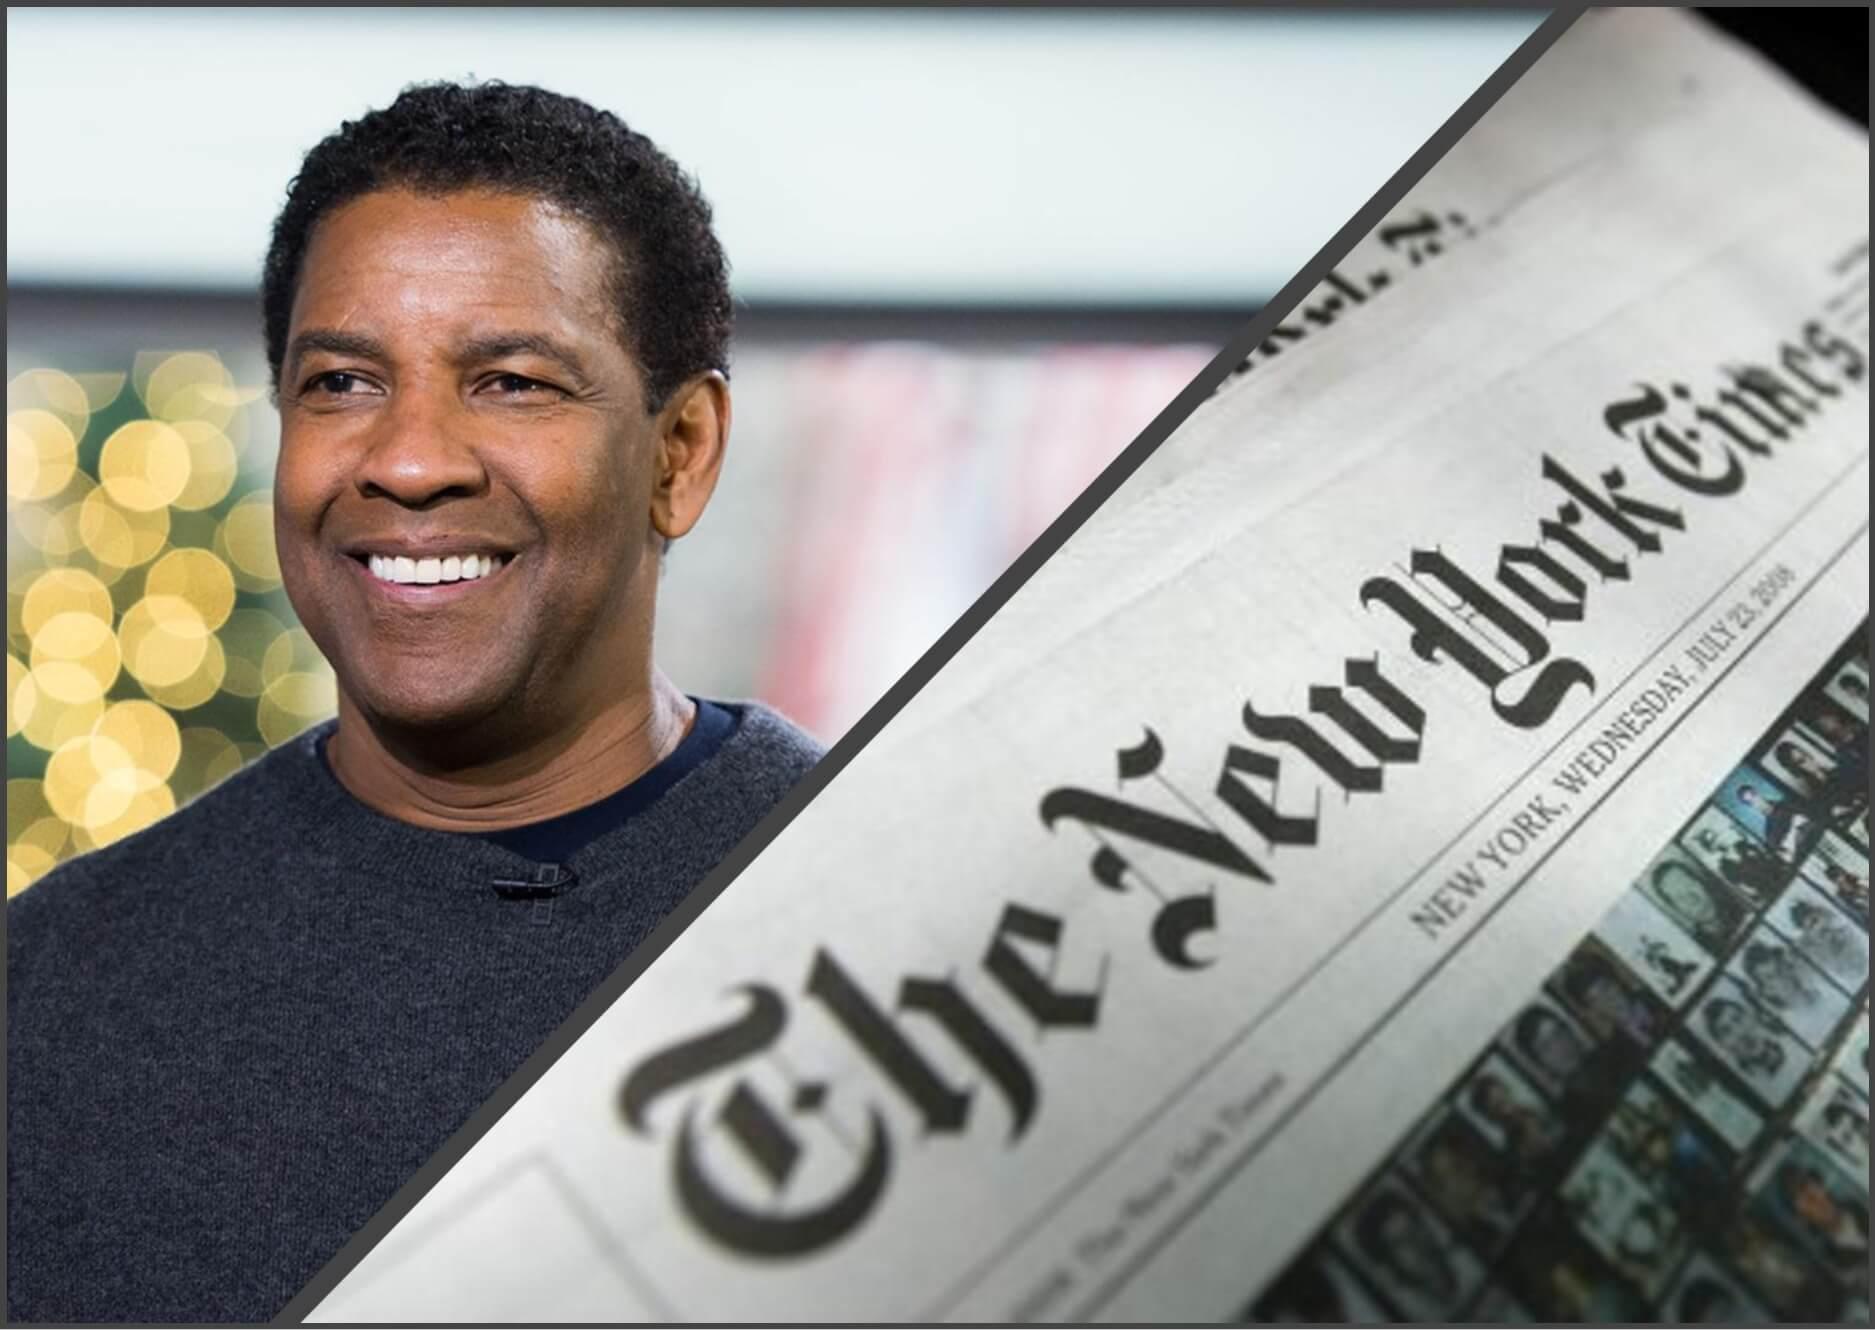 The New York Times выбрал 25 лучших актёров и актрис 21 века